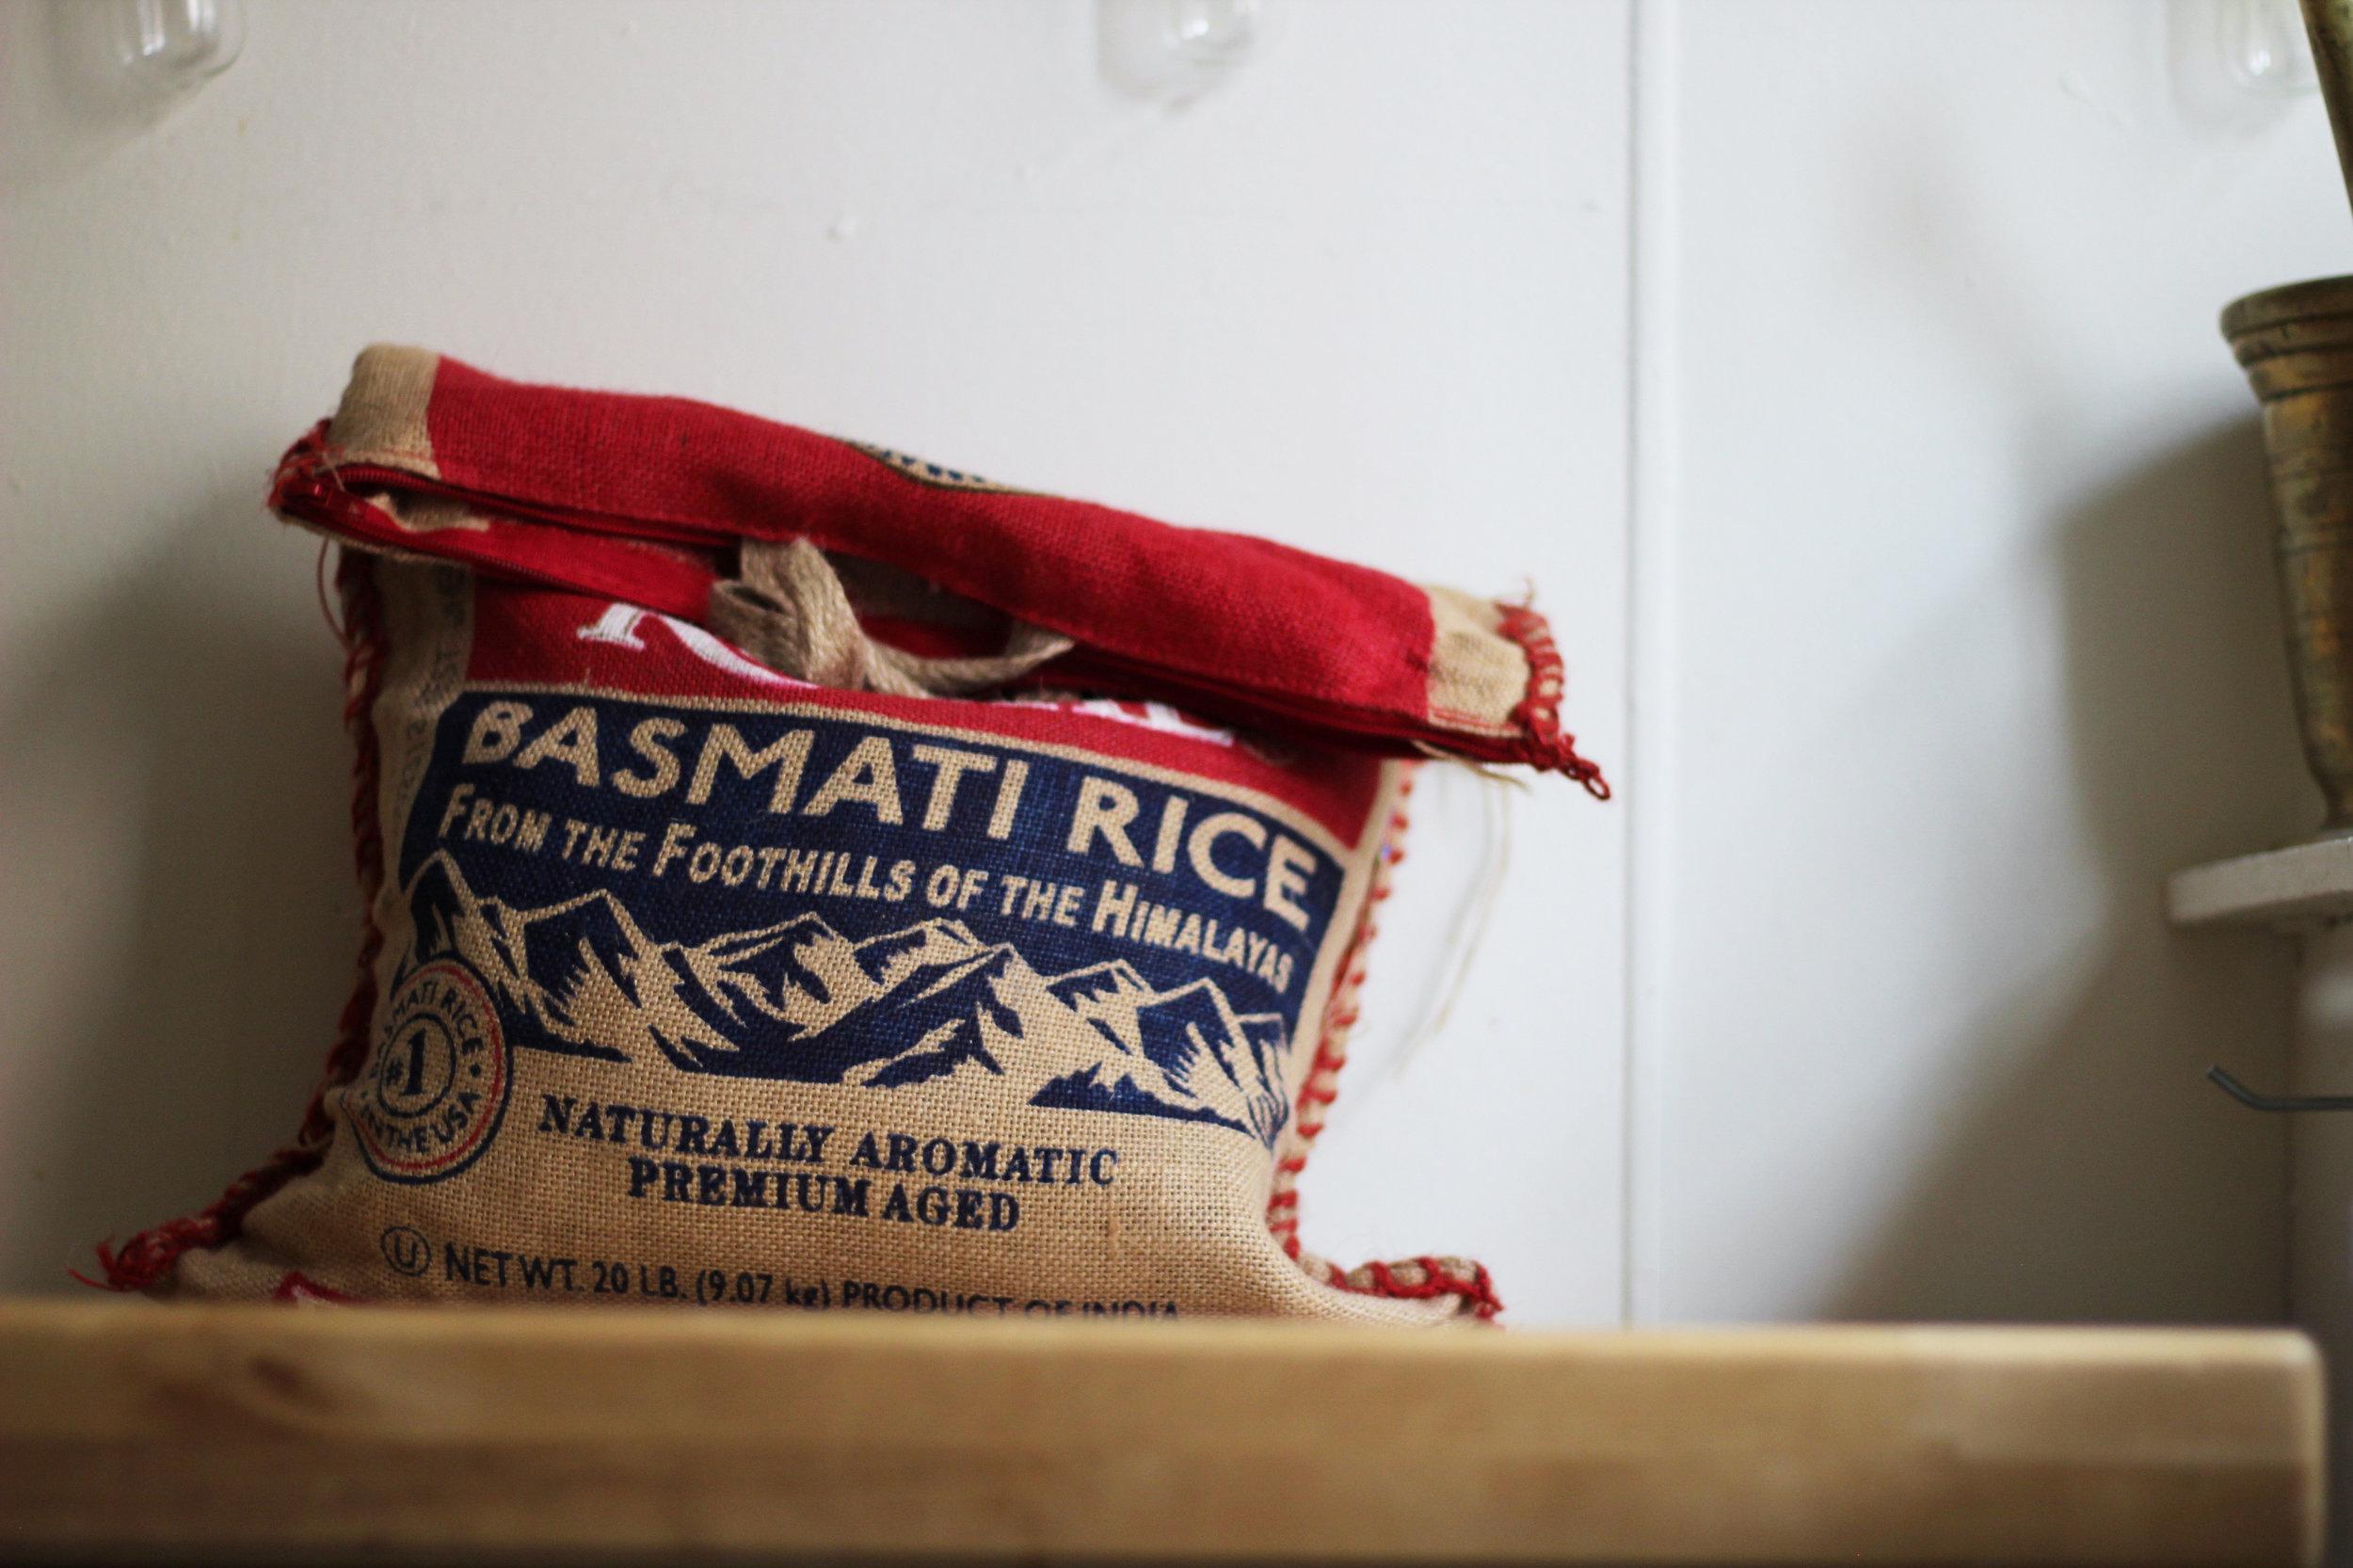 Basmati Rice Bag